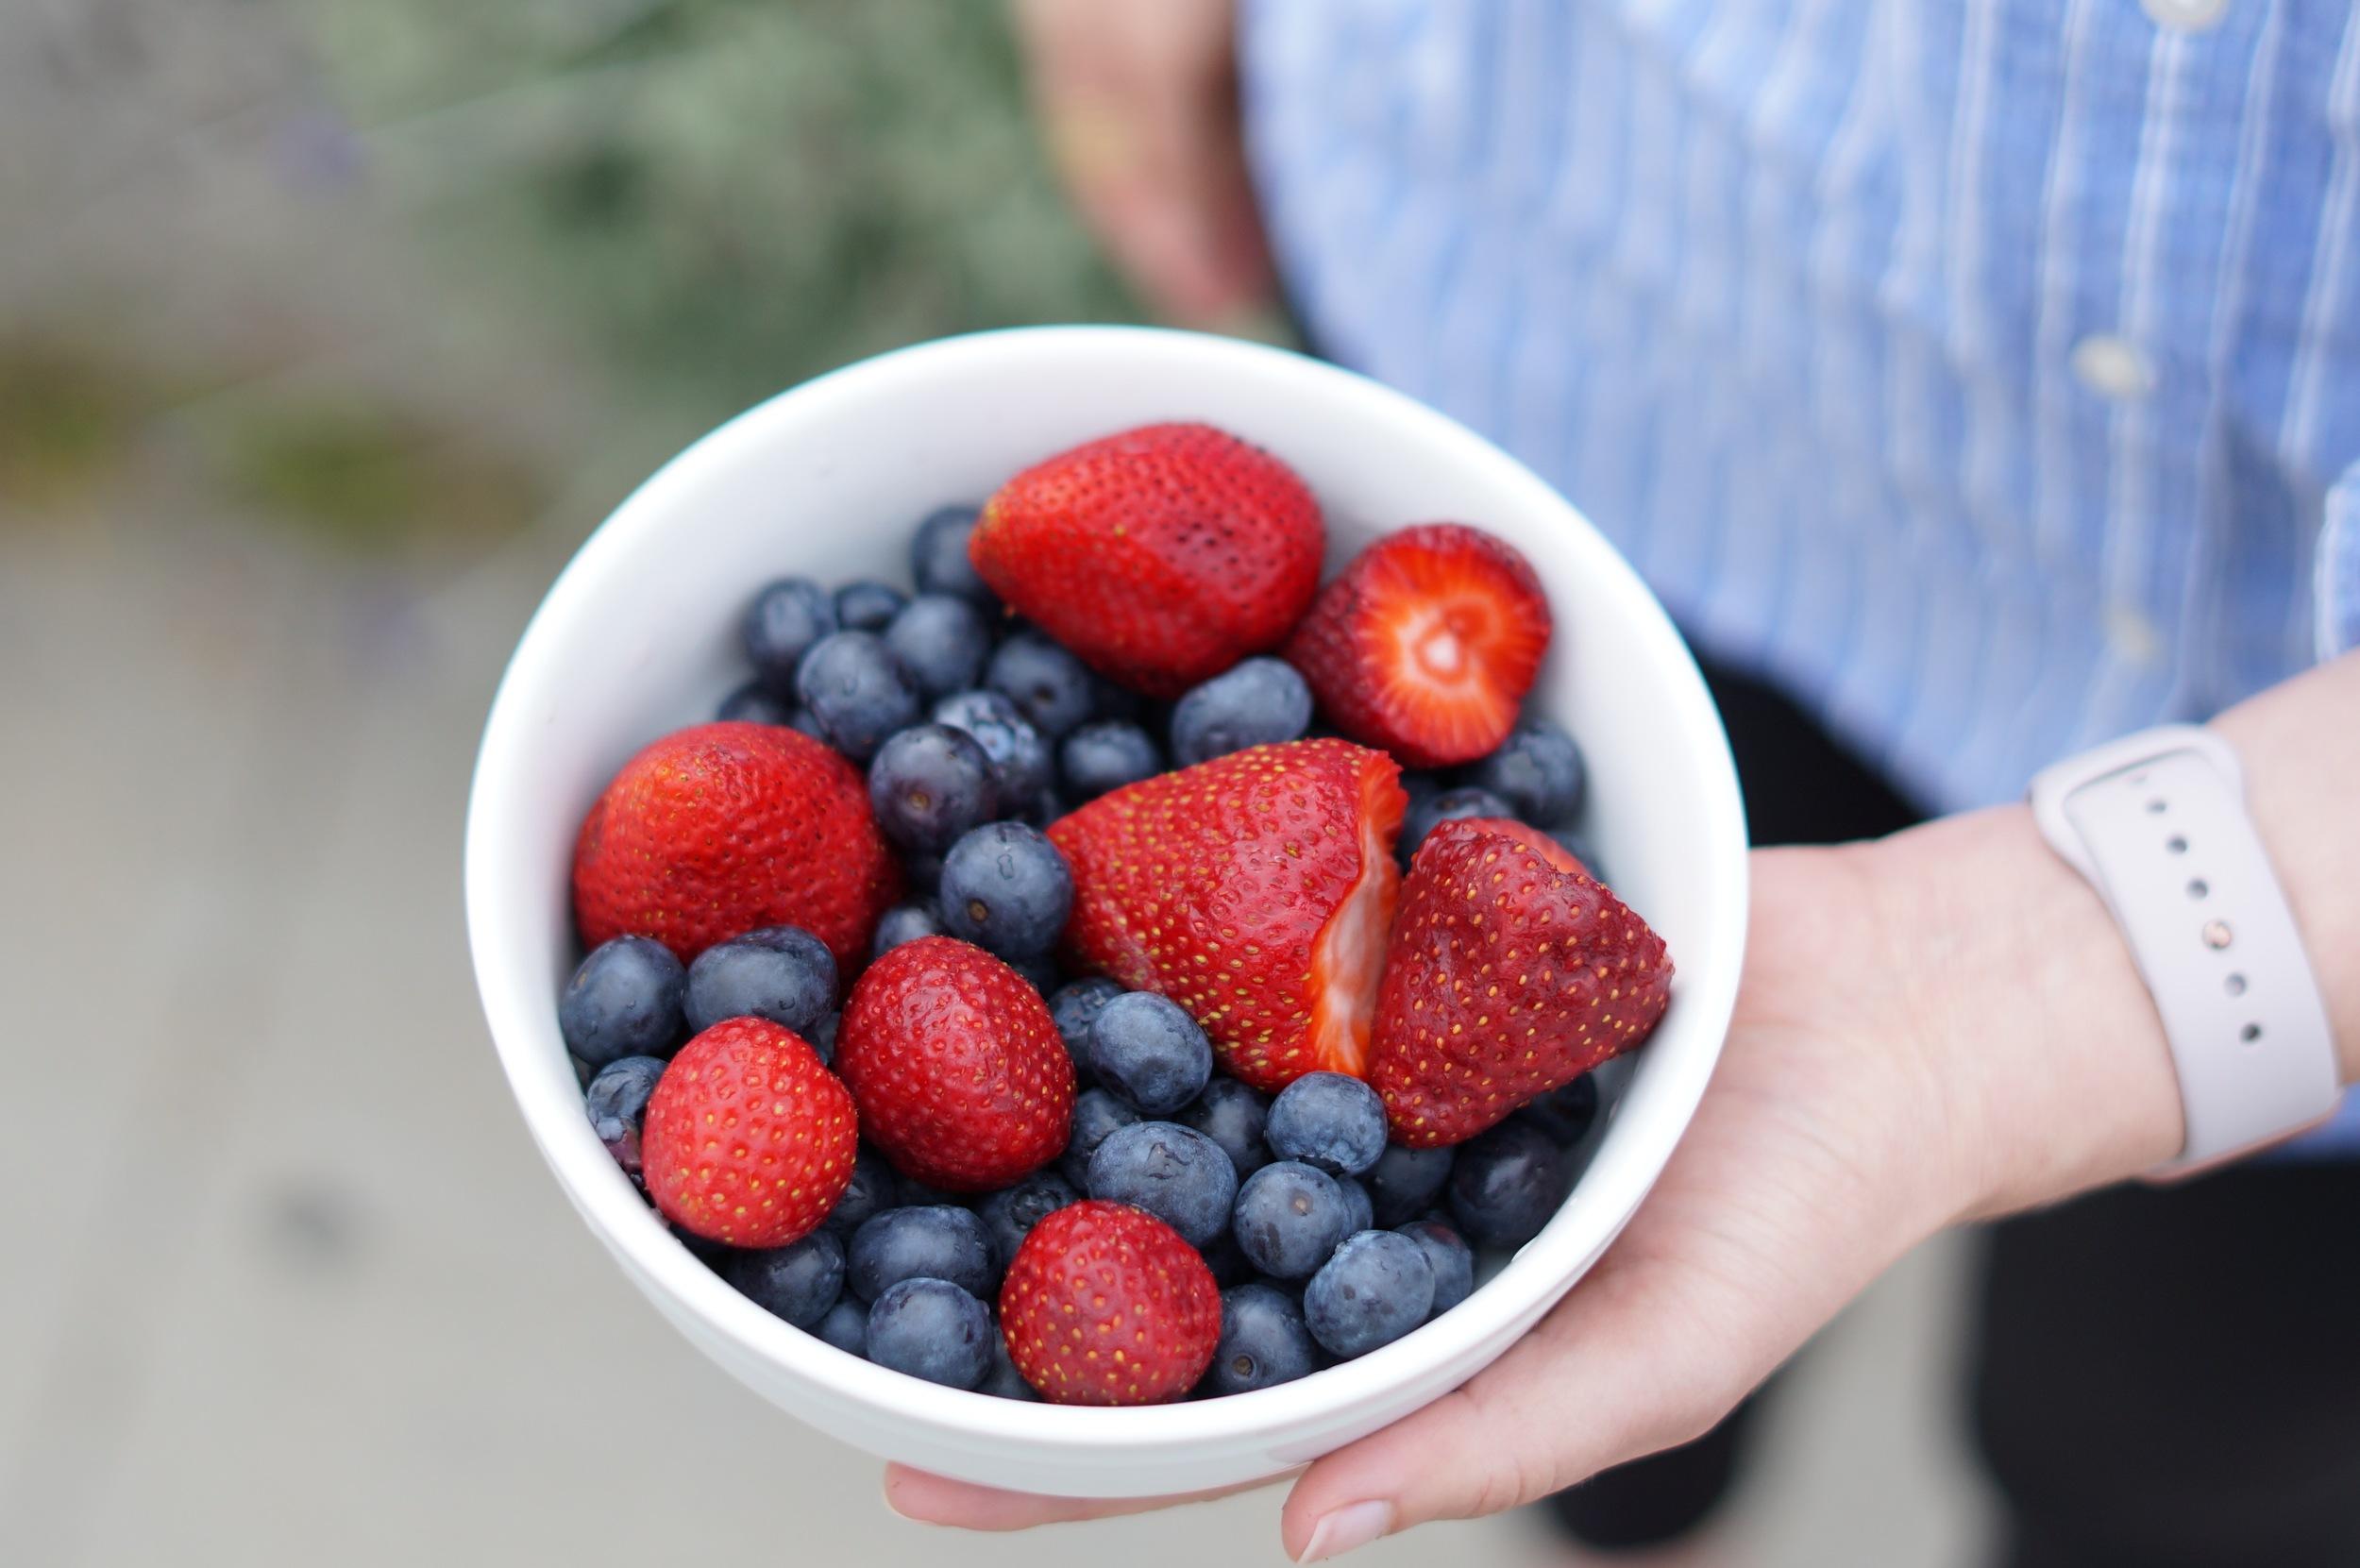 simple pleasure: fresh, local berries